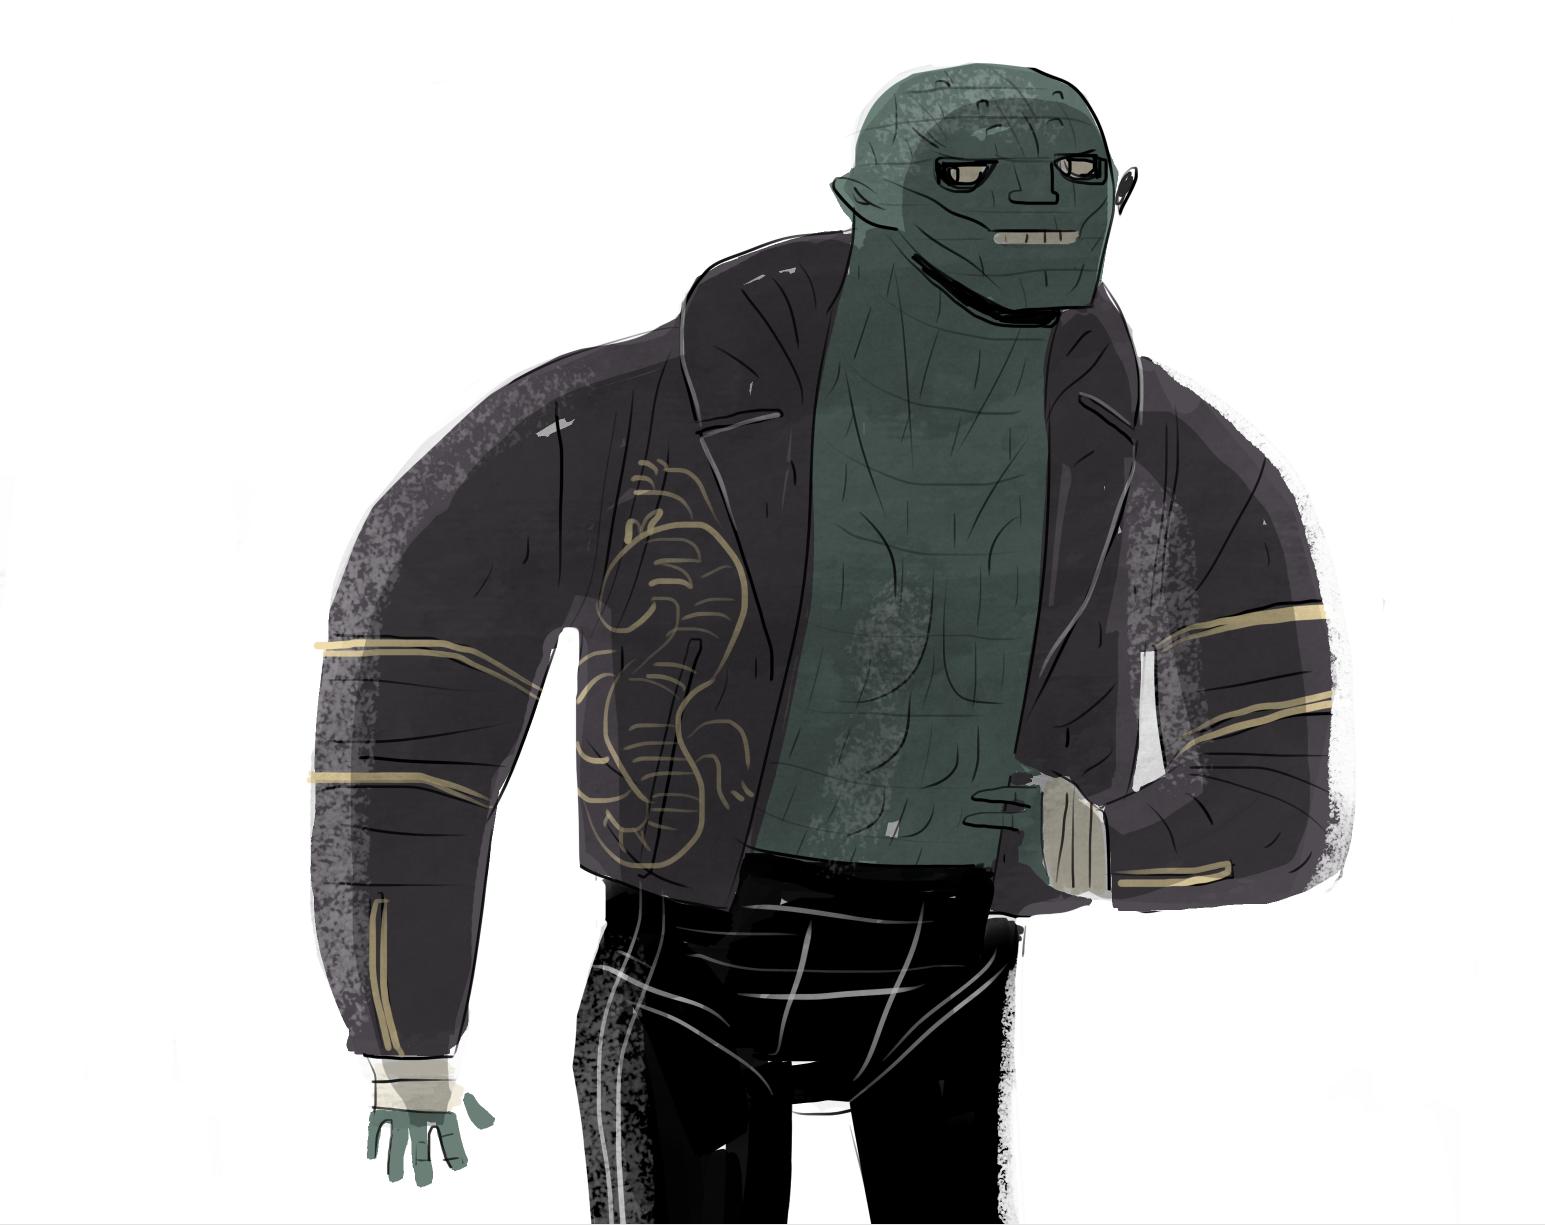 Suicide Squad's Killer Croc